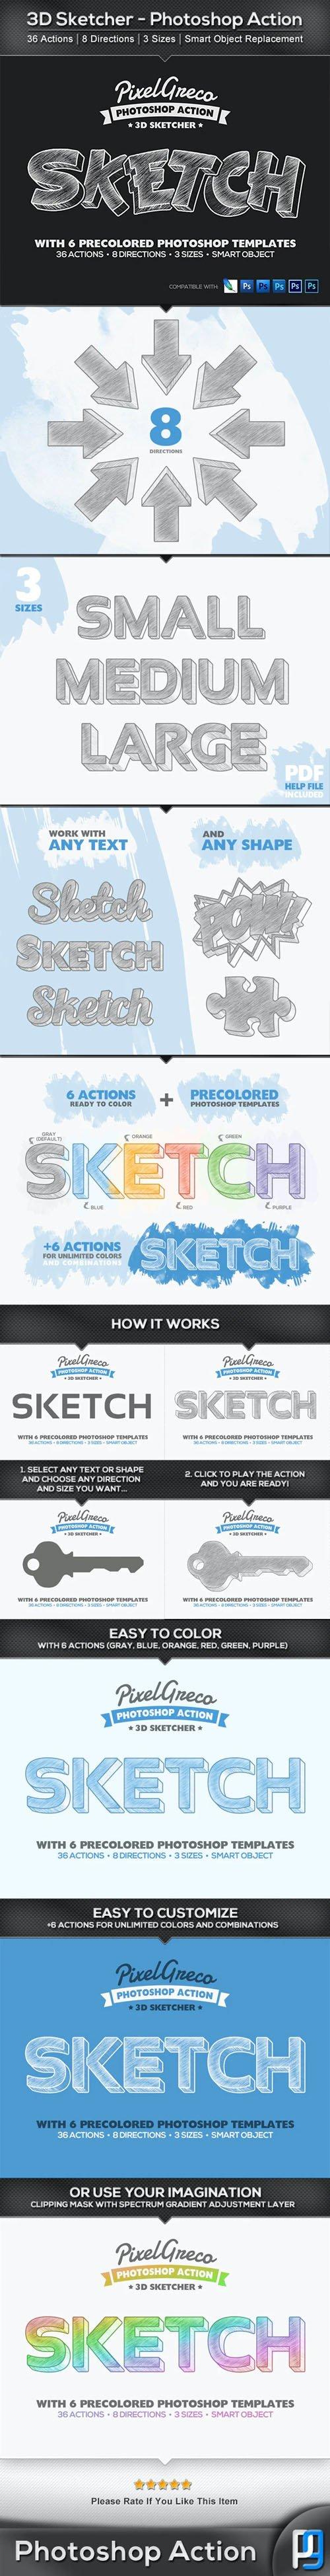 3D Sketcher - Photoshop Action + 6 Pre-colored Photoshop Templates